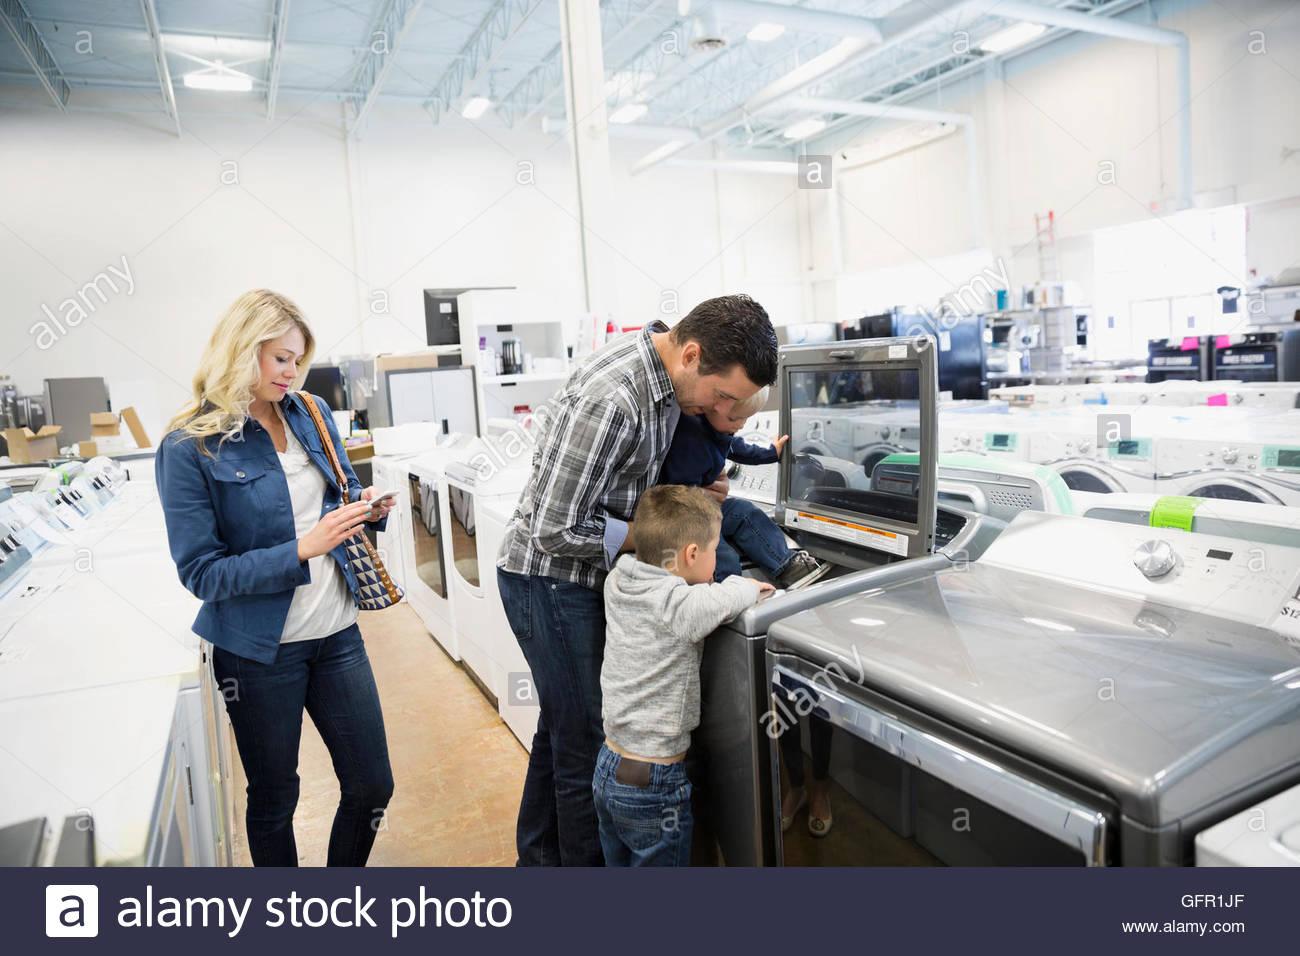 Junge Familie für Waschmaschine im Gerät Store einkaufen Stockbild